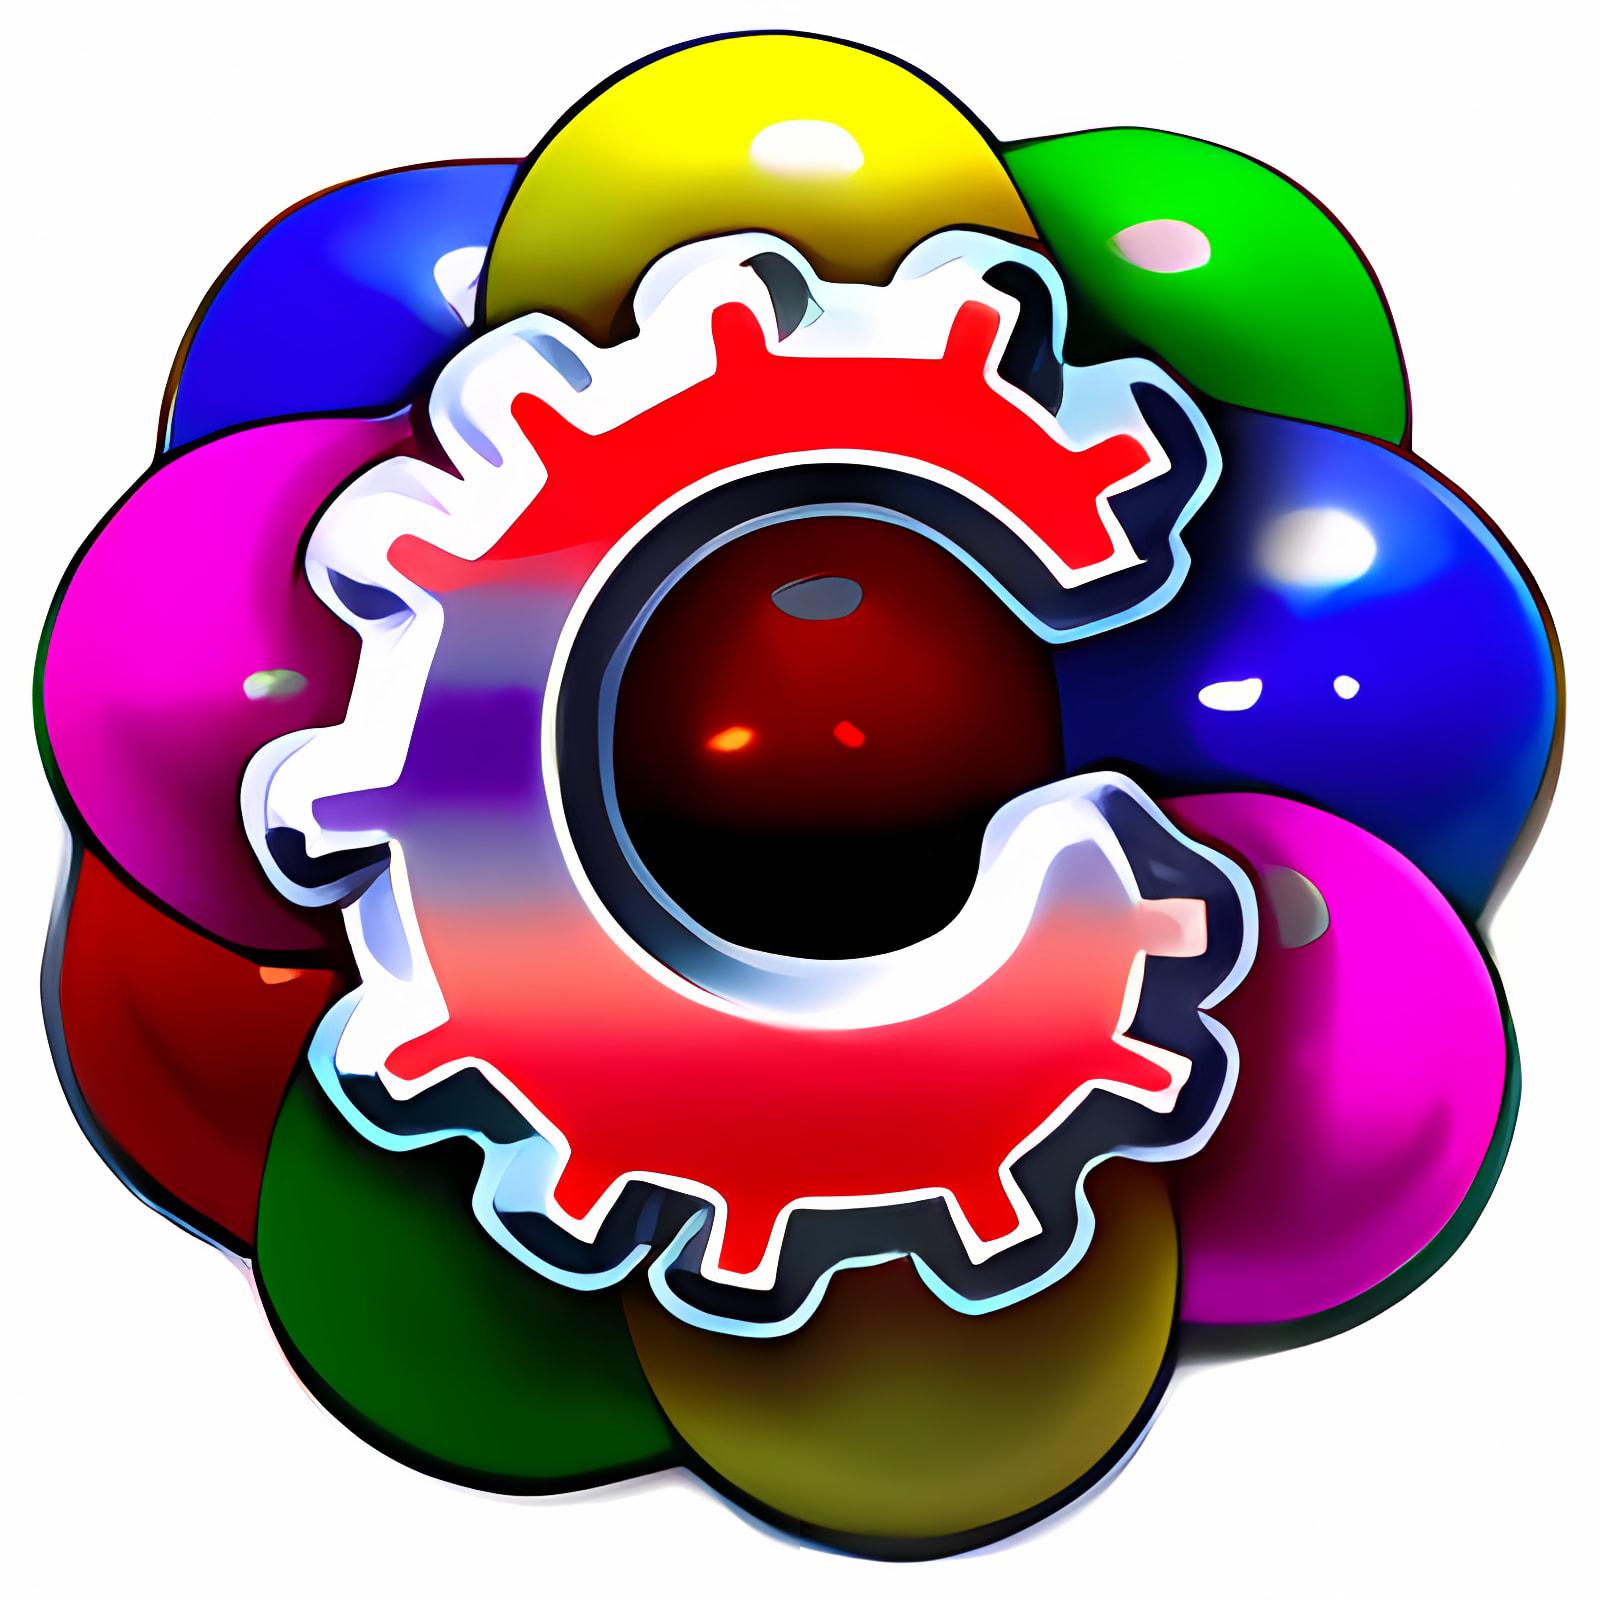 CornerChaos 2.1.4